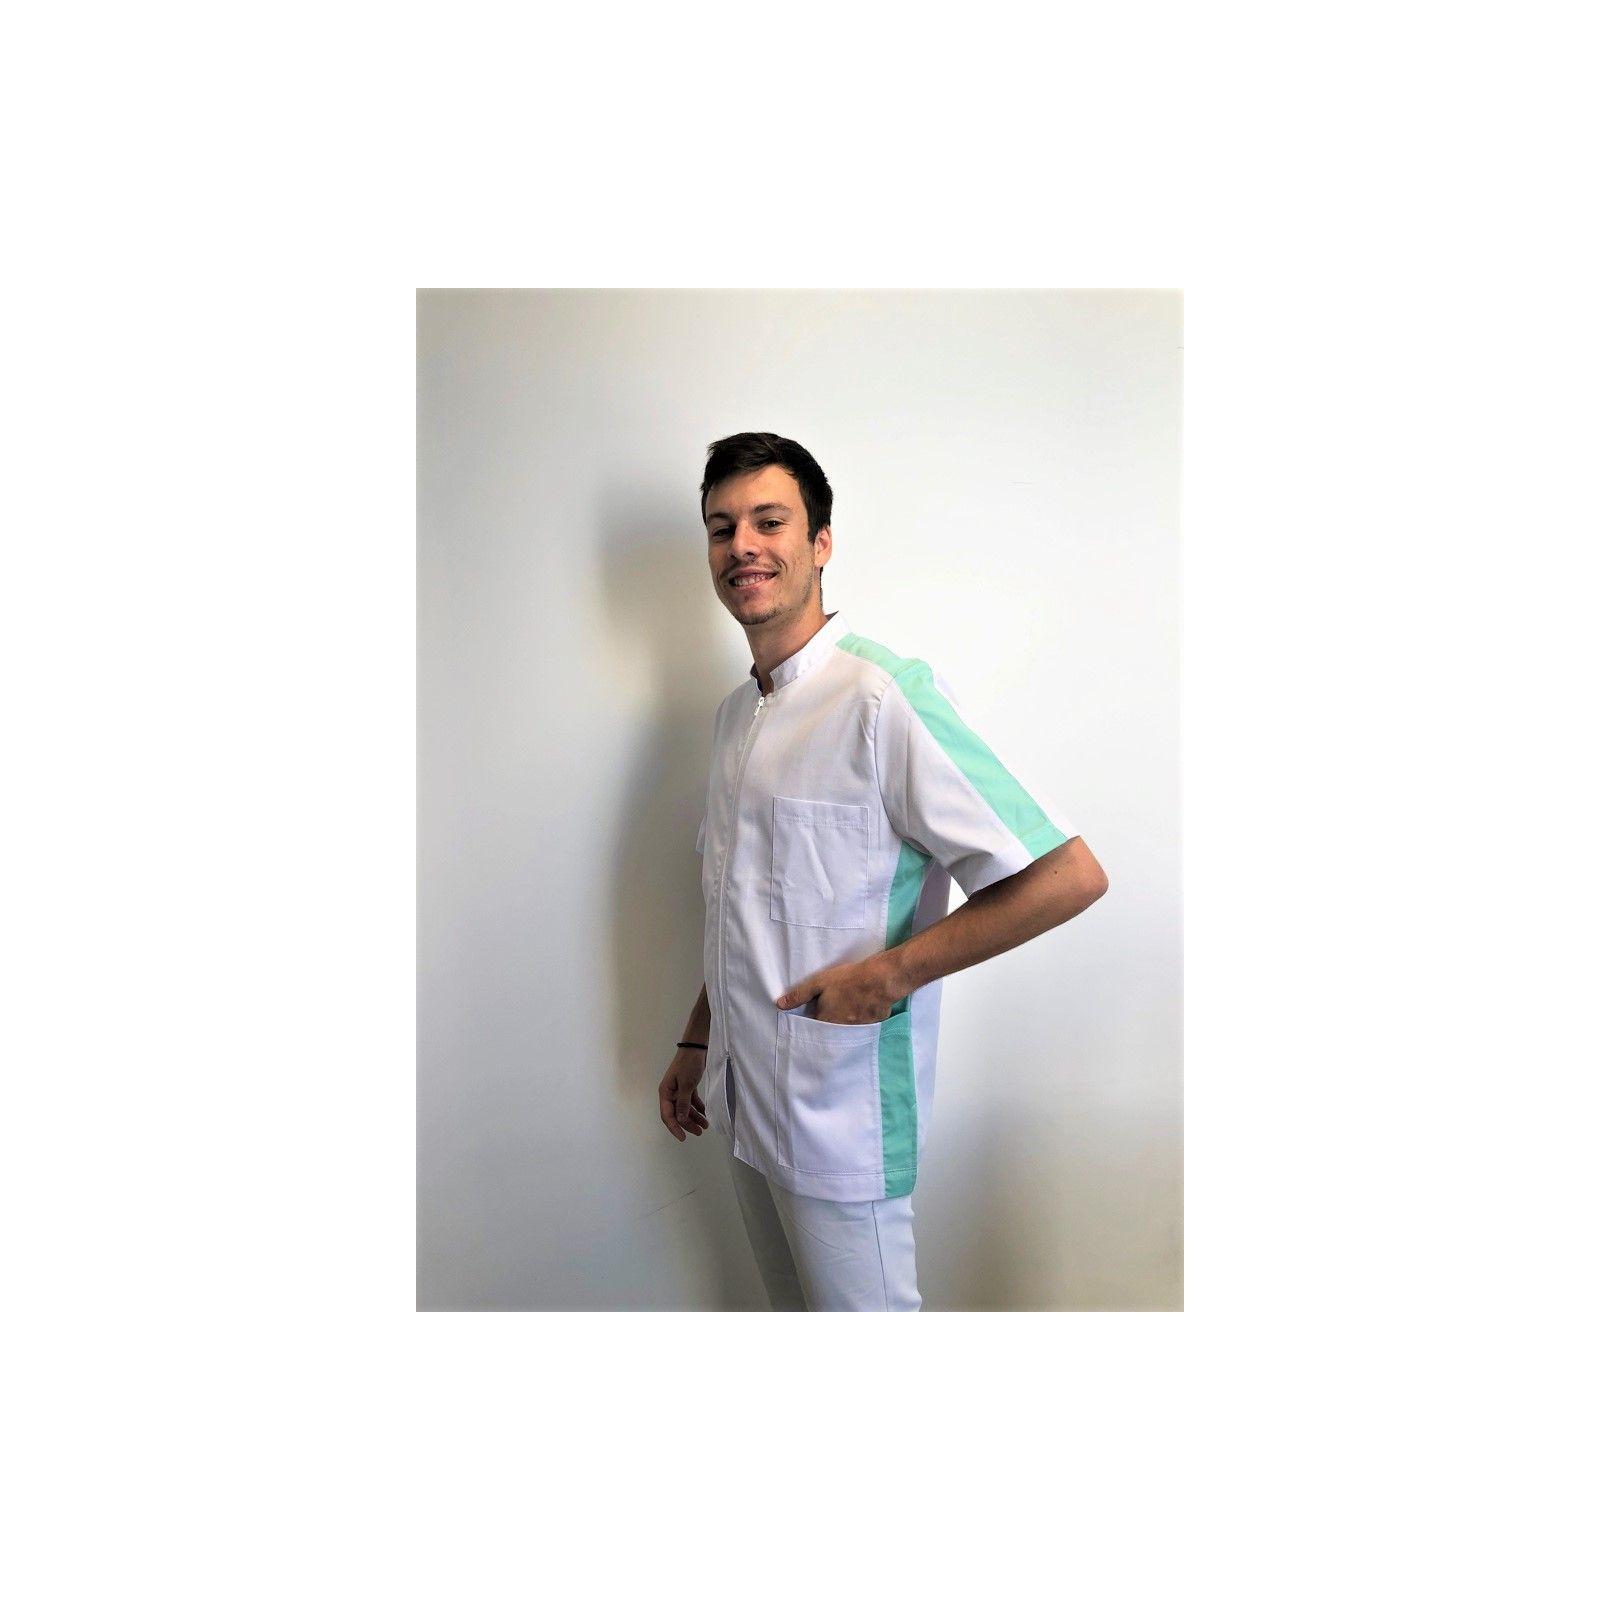 Blouse Médicale, Homme, Bicolore, Trendy, Camille Lavandie (2622)